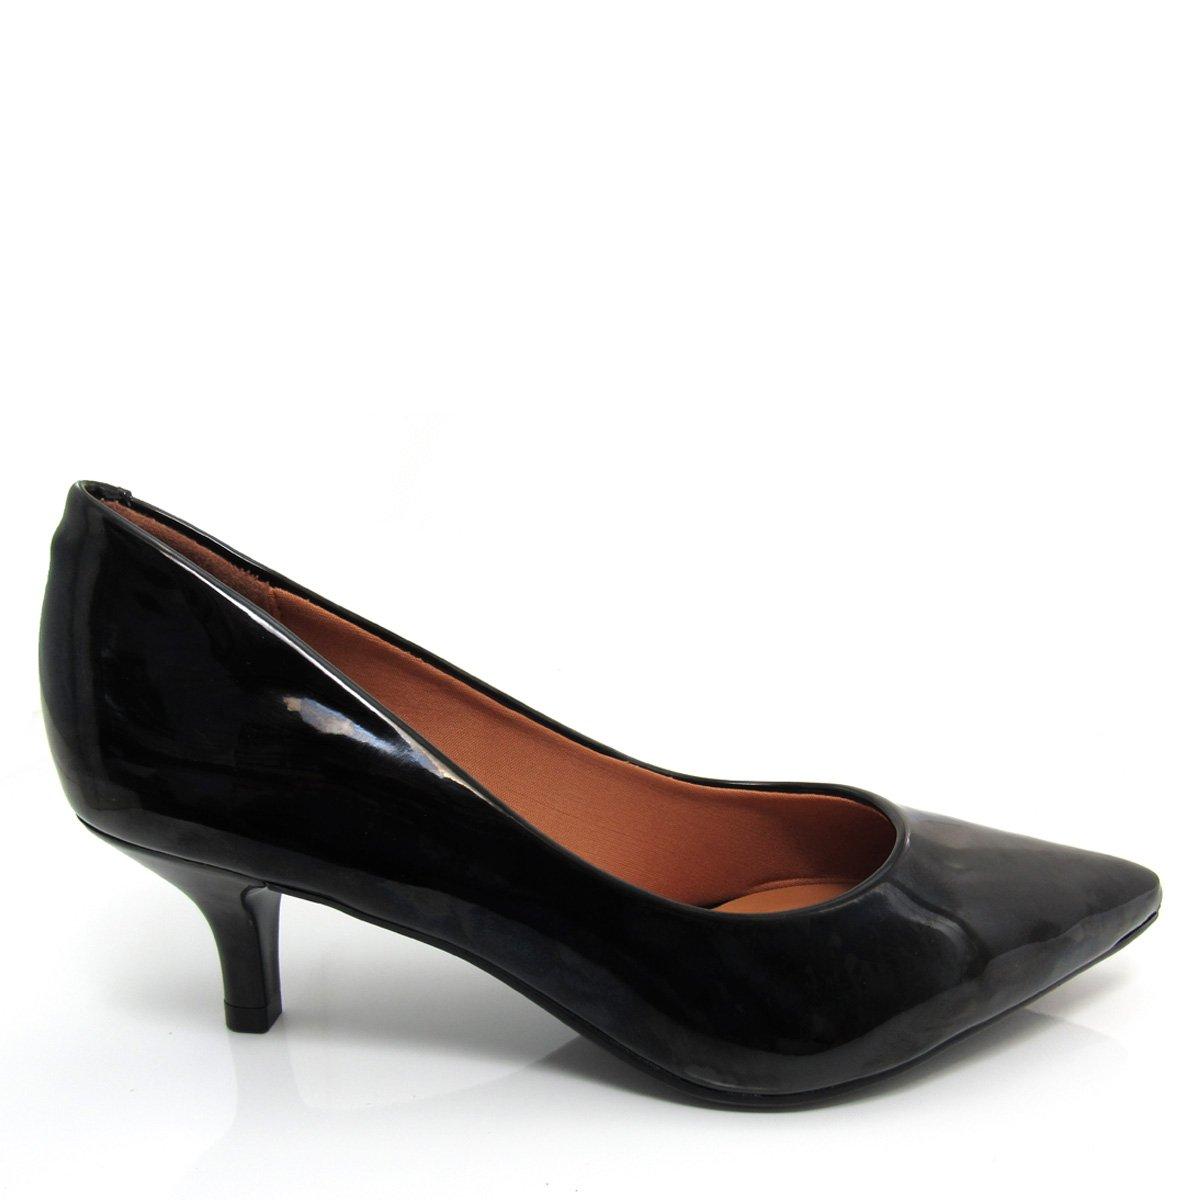 49b9e25105 Sapato Scarpin Feminino Vizzano Bico fino 1122600 Salto Baixo Coleção 2018